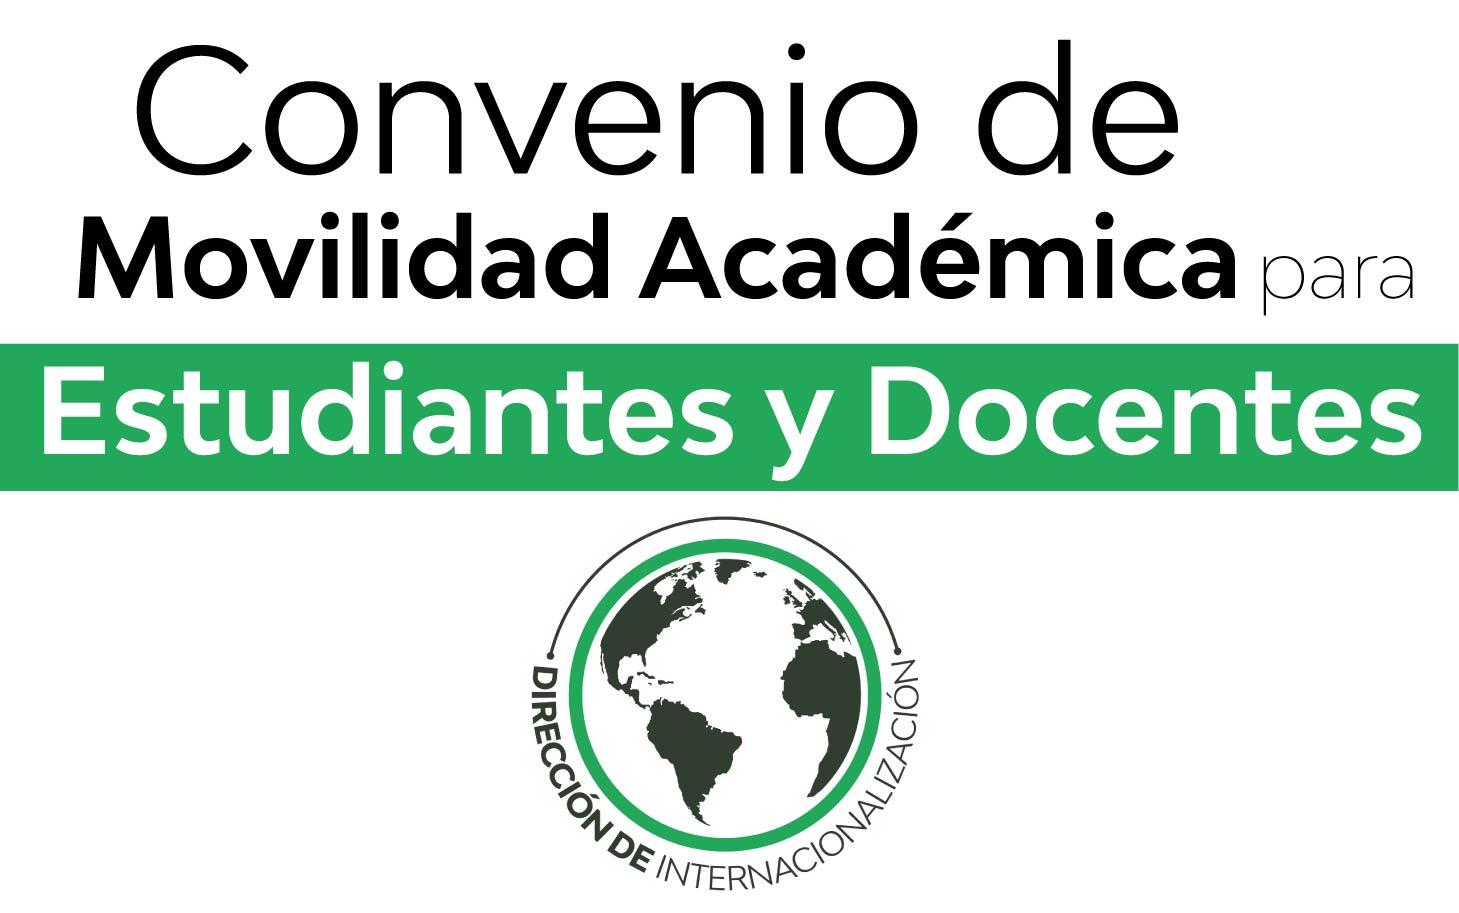 Convenio de movilidad académica para estudiantes y docentes